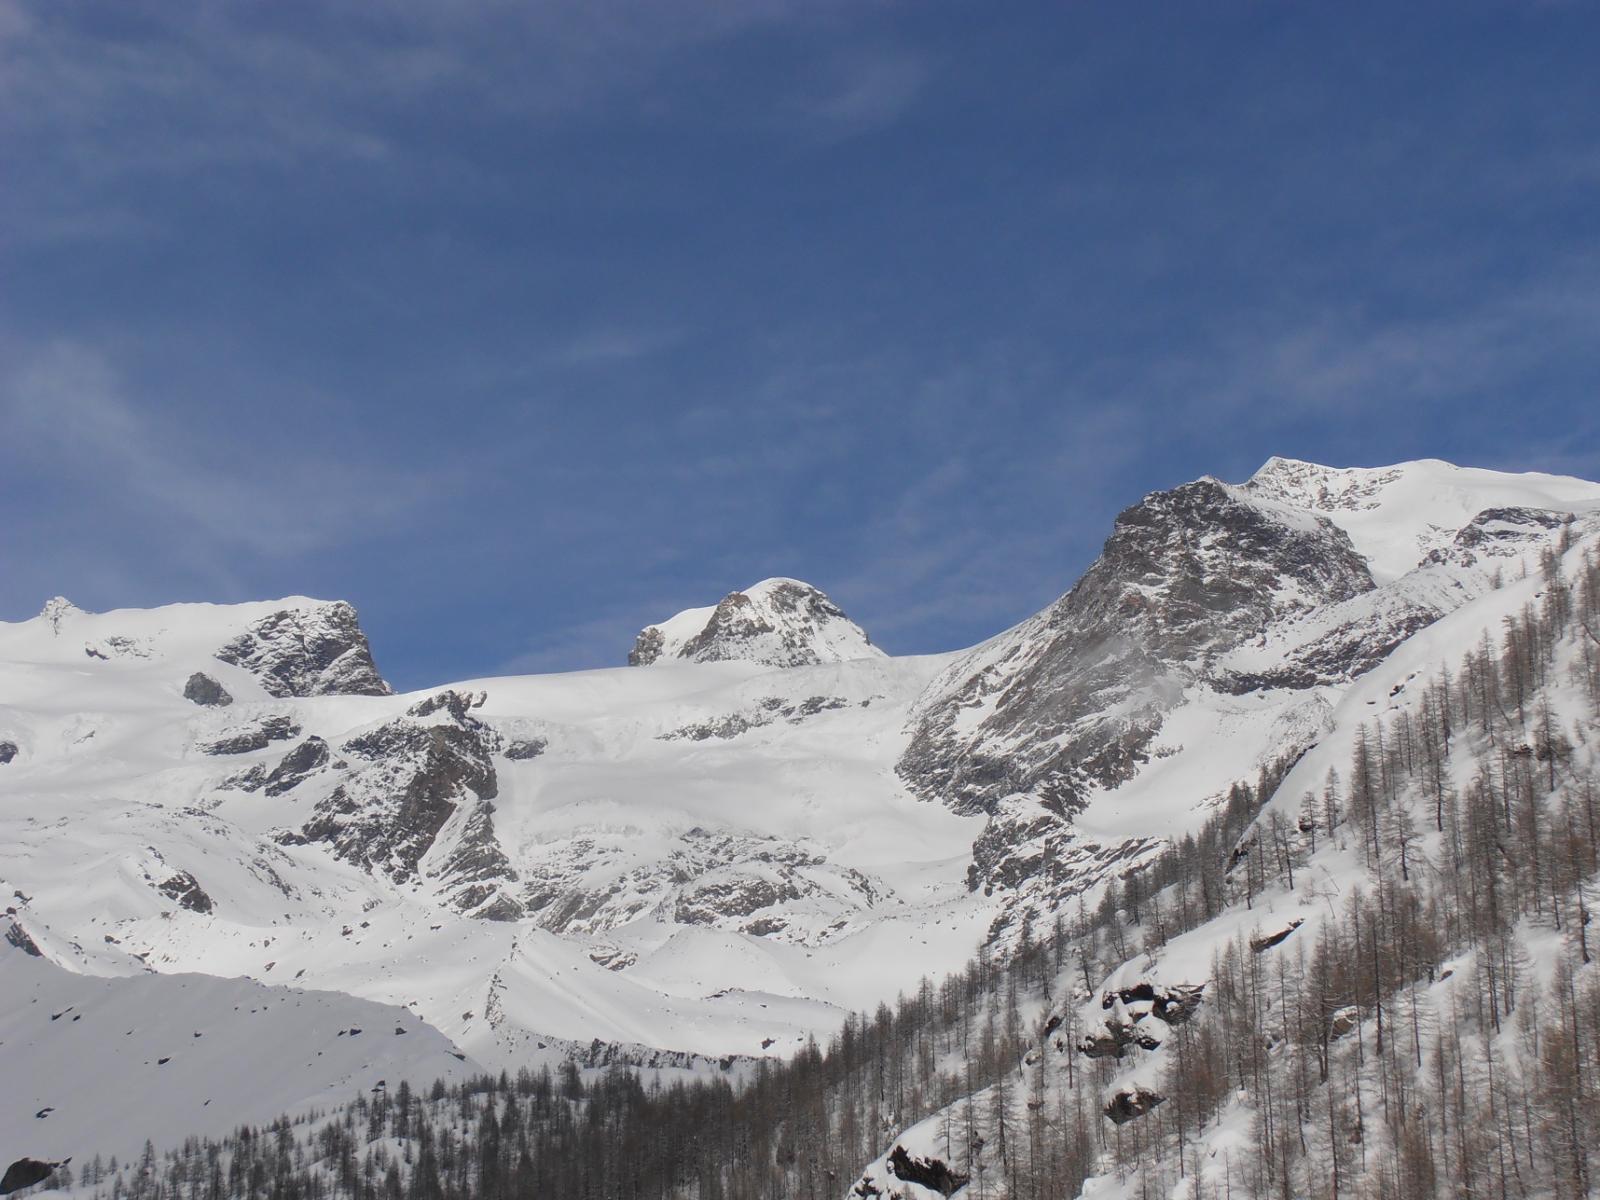 04 - Dettaglio Roccia Nera, Polluce, Castore